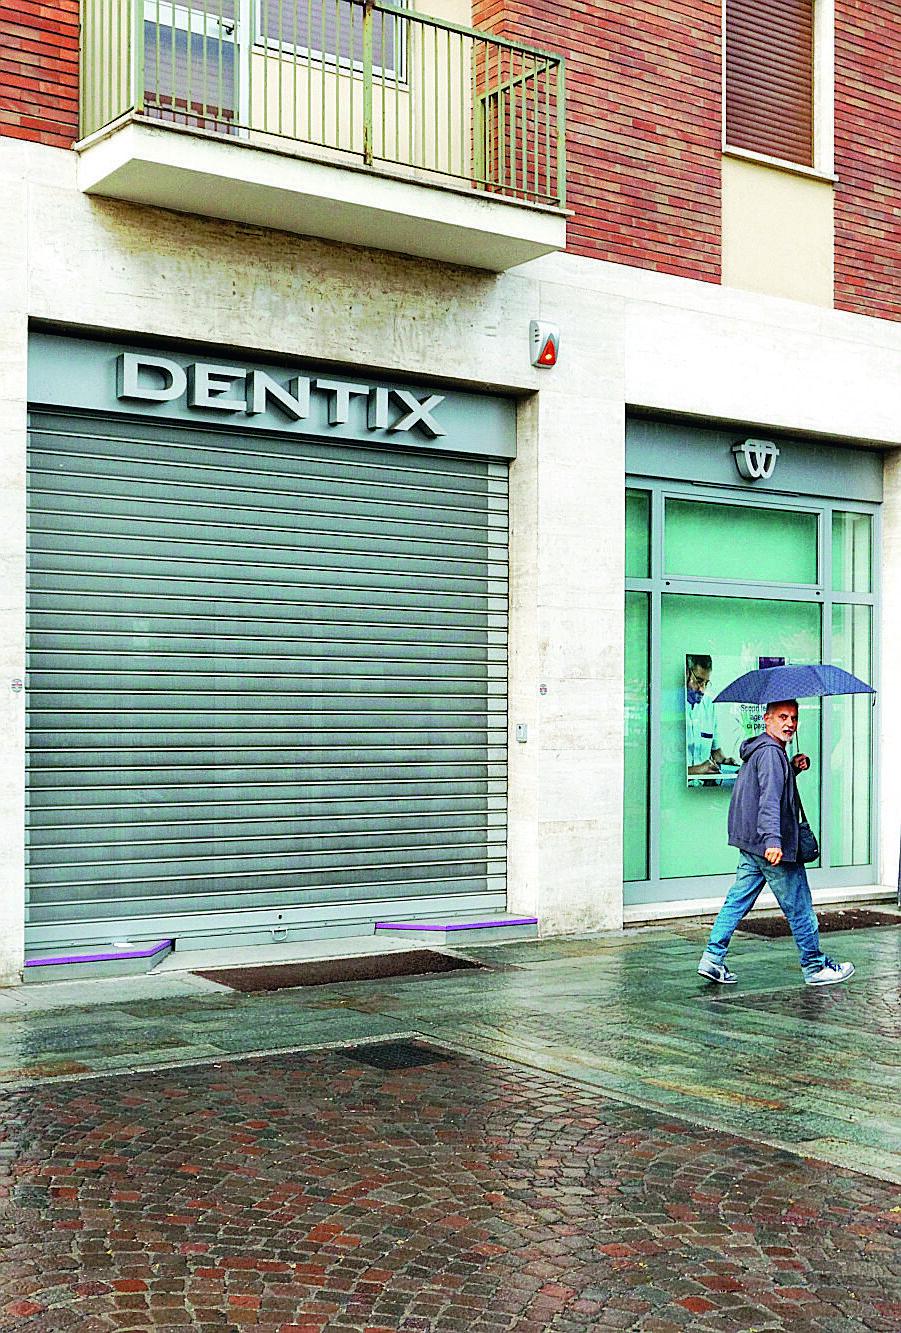 Dentix presenta una richiesta di concordato